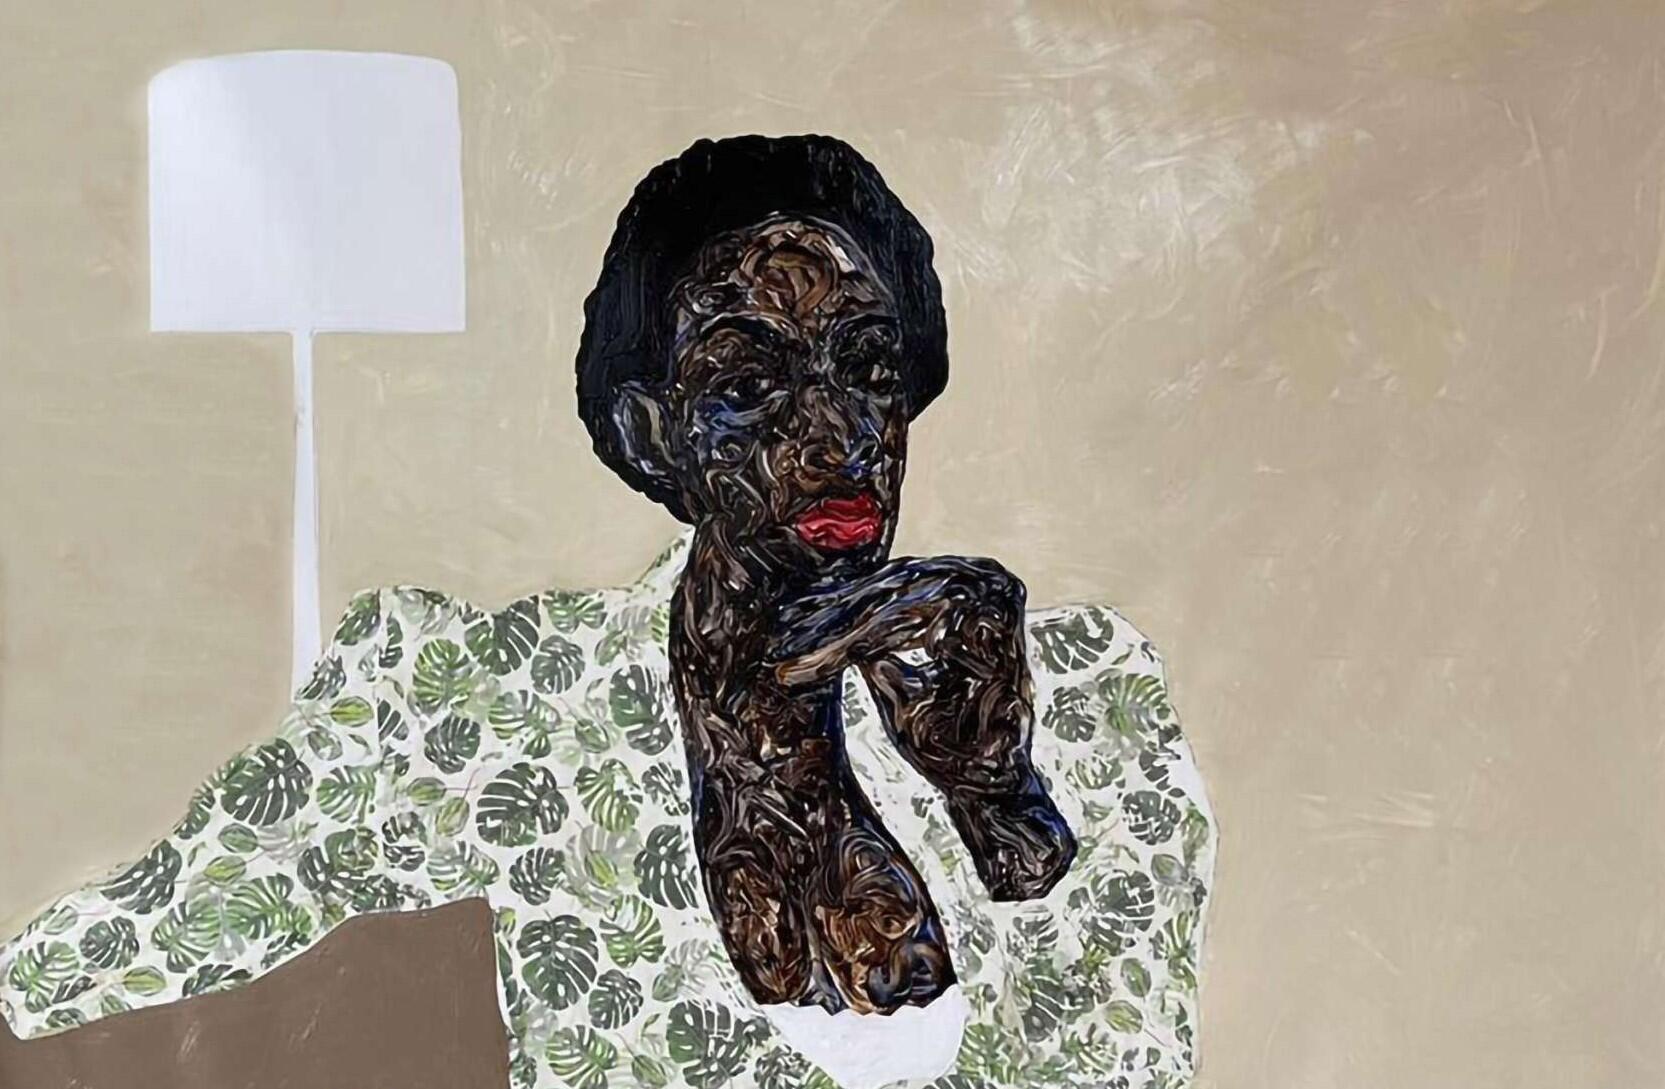 """Amoako Boafo : """"Green Clutch"""" (detail), 2021, Phototransfer and oil on canvas. 210 x 180 cm. Oeuvre présentée (et déjà vendue) par Mariane Ibrahim Gallery."""